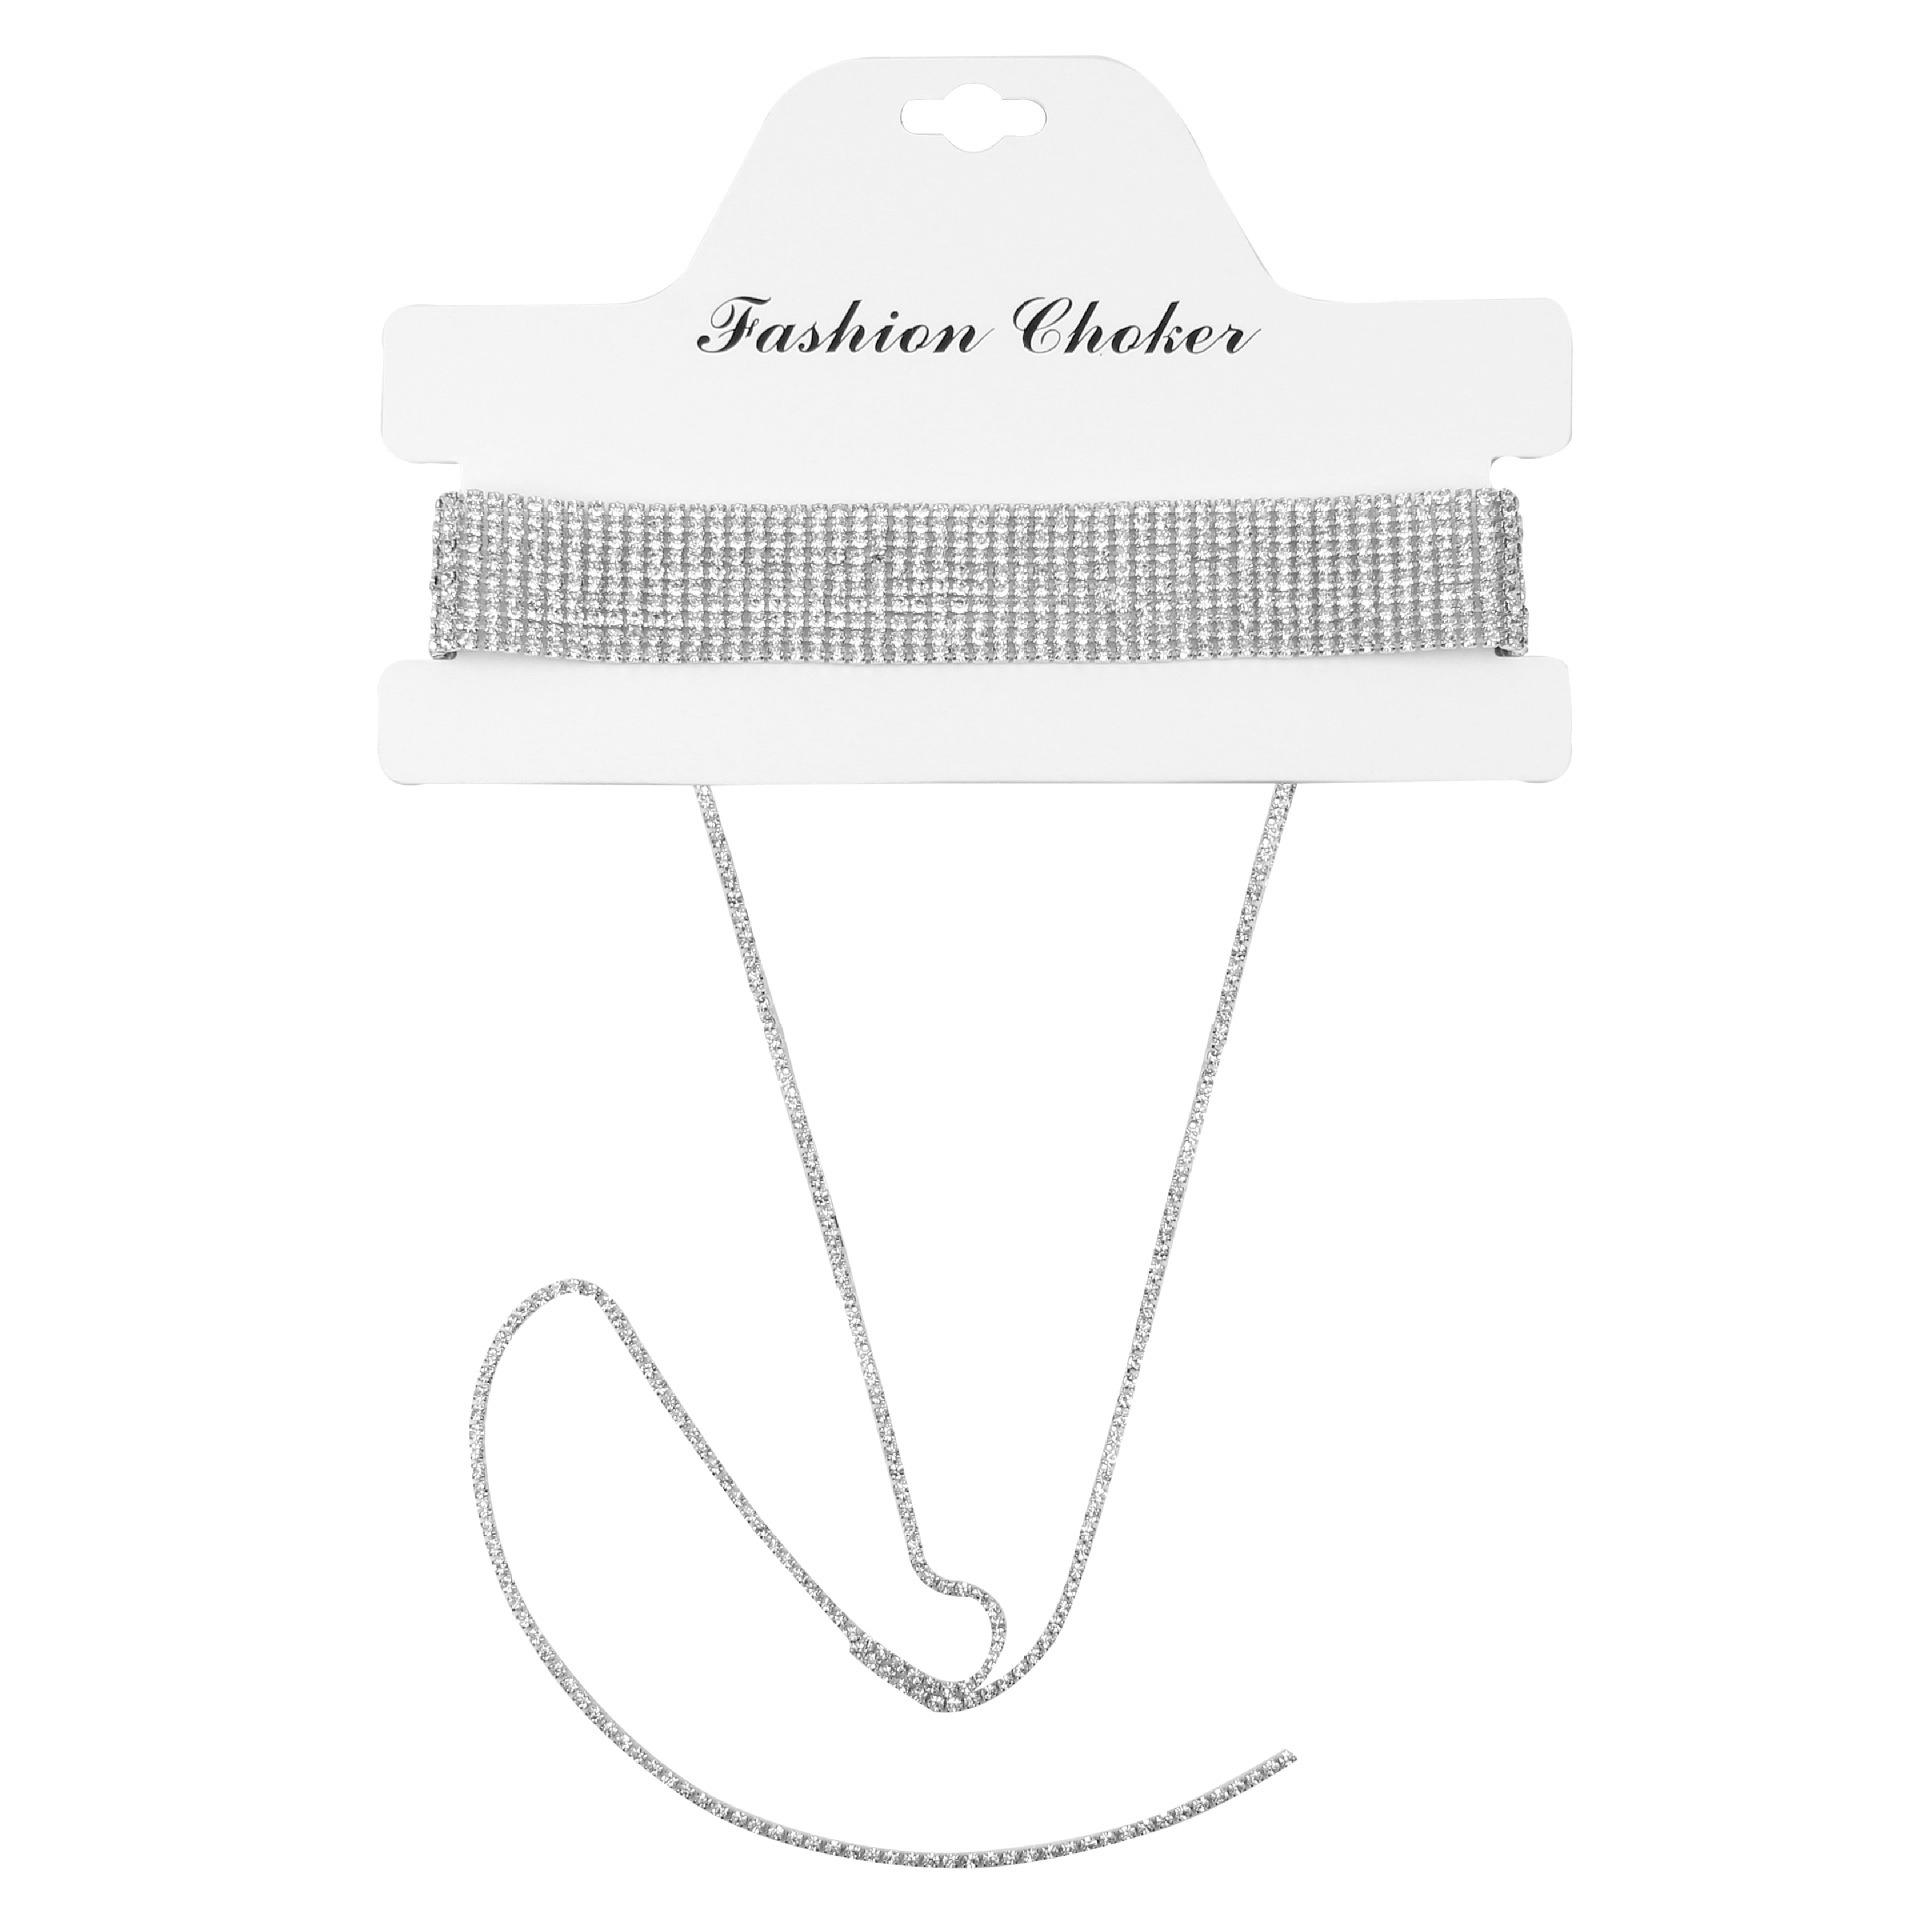 Fashion Luxury Glittering Full Rhinestone Multi Layer Diamond Choker Necklace Jewelry